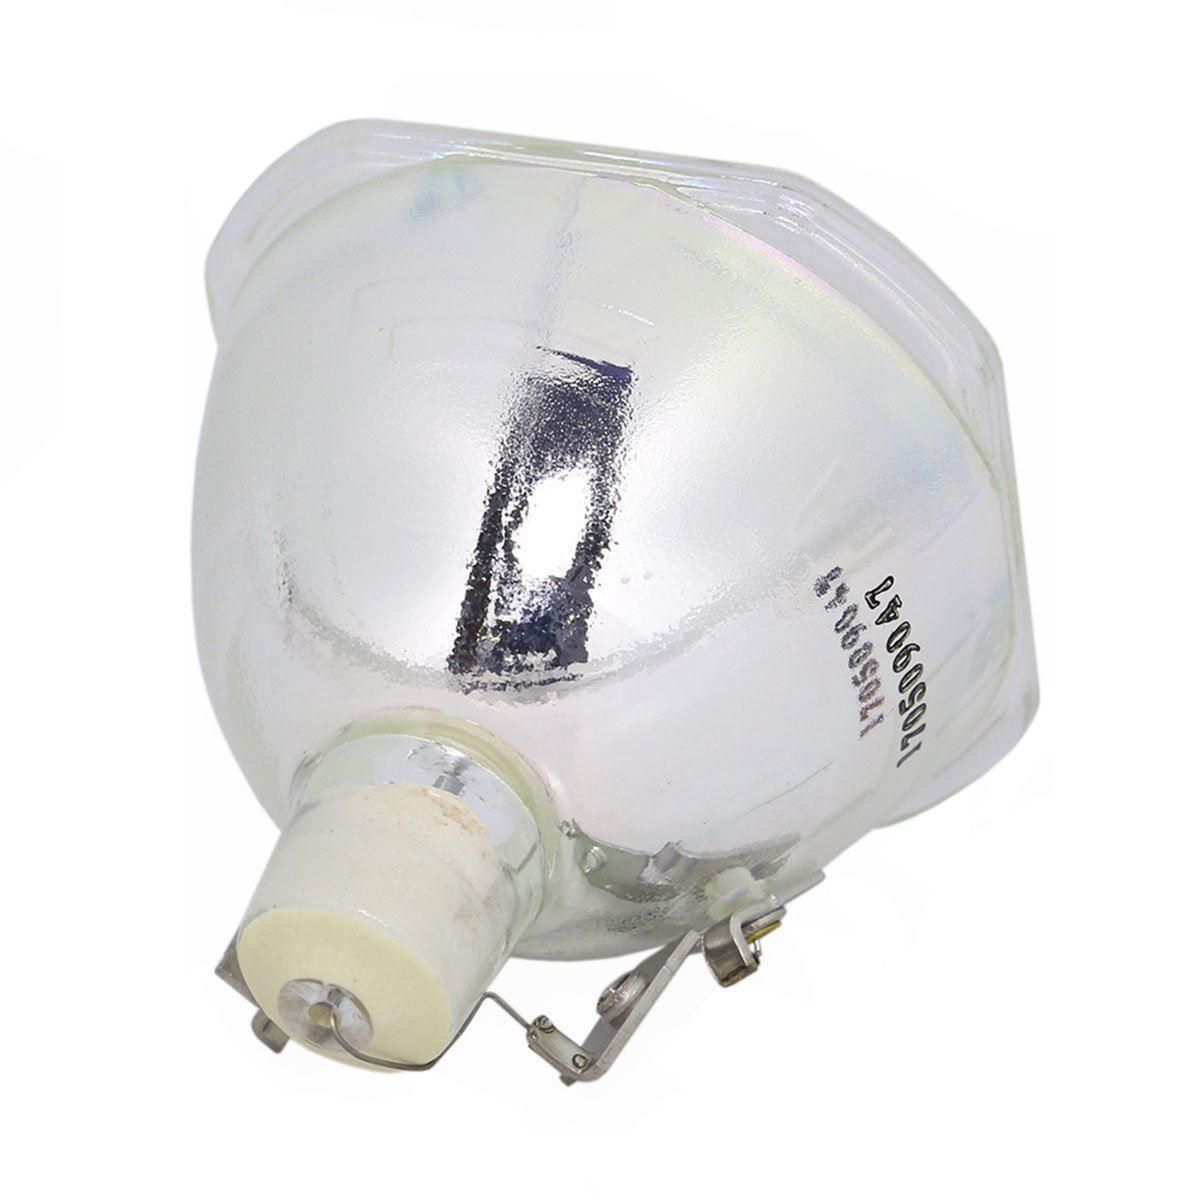 OEM EPSON ELPLP96 BARE LAMP FOR EB-970 EB-2042 EB-108 PowerLite X39 EB-2247U NLS